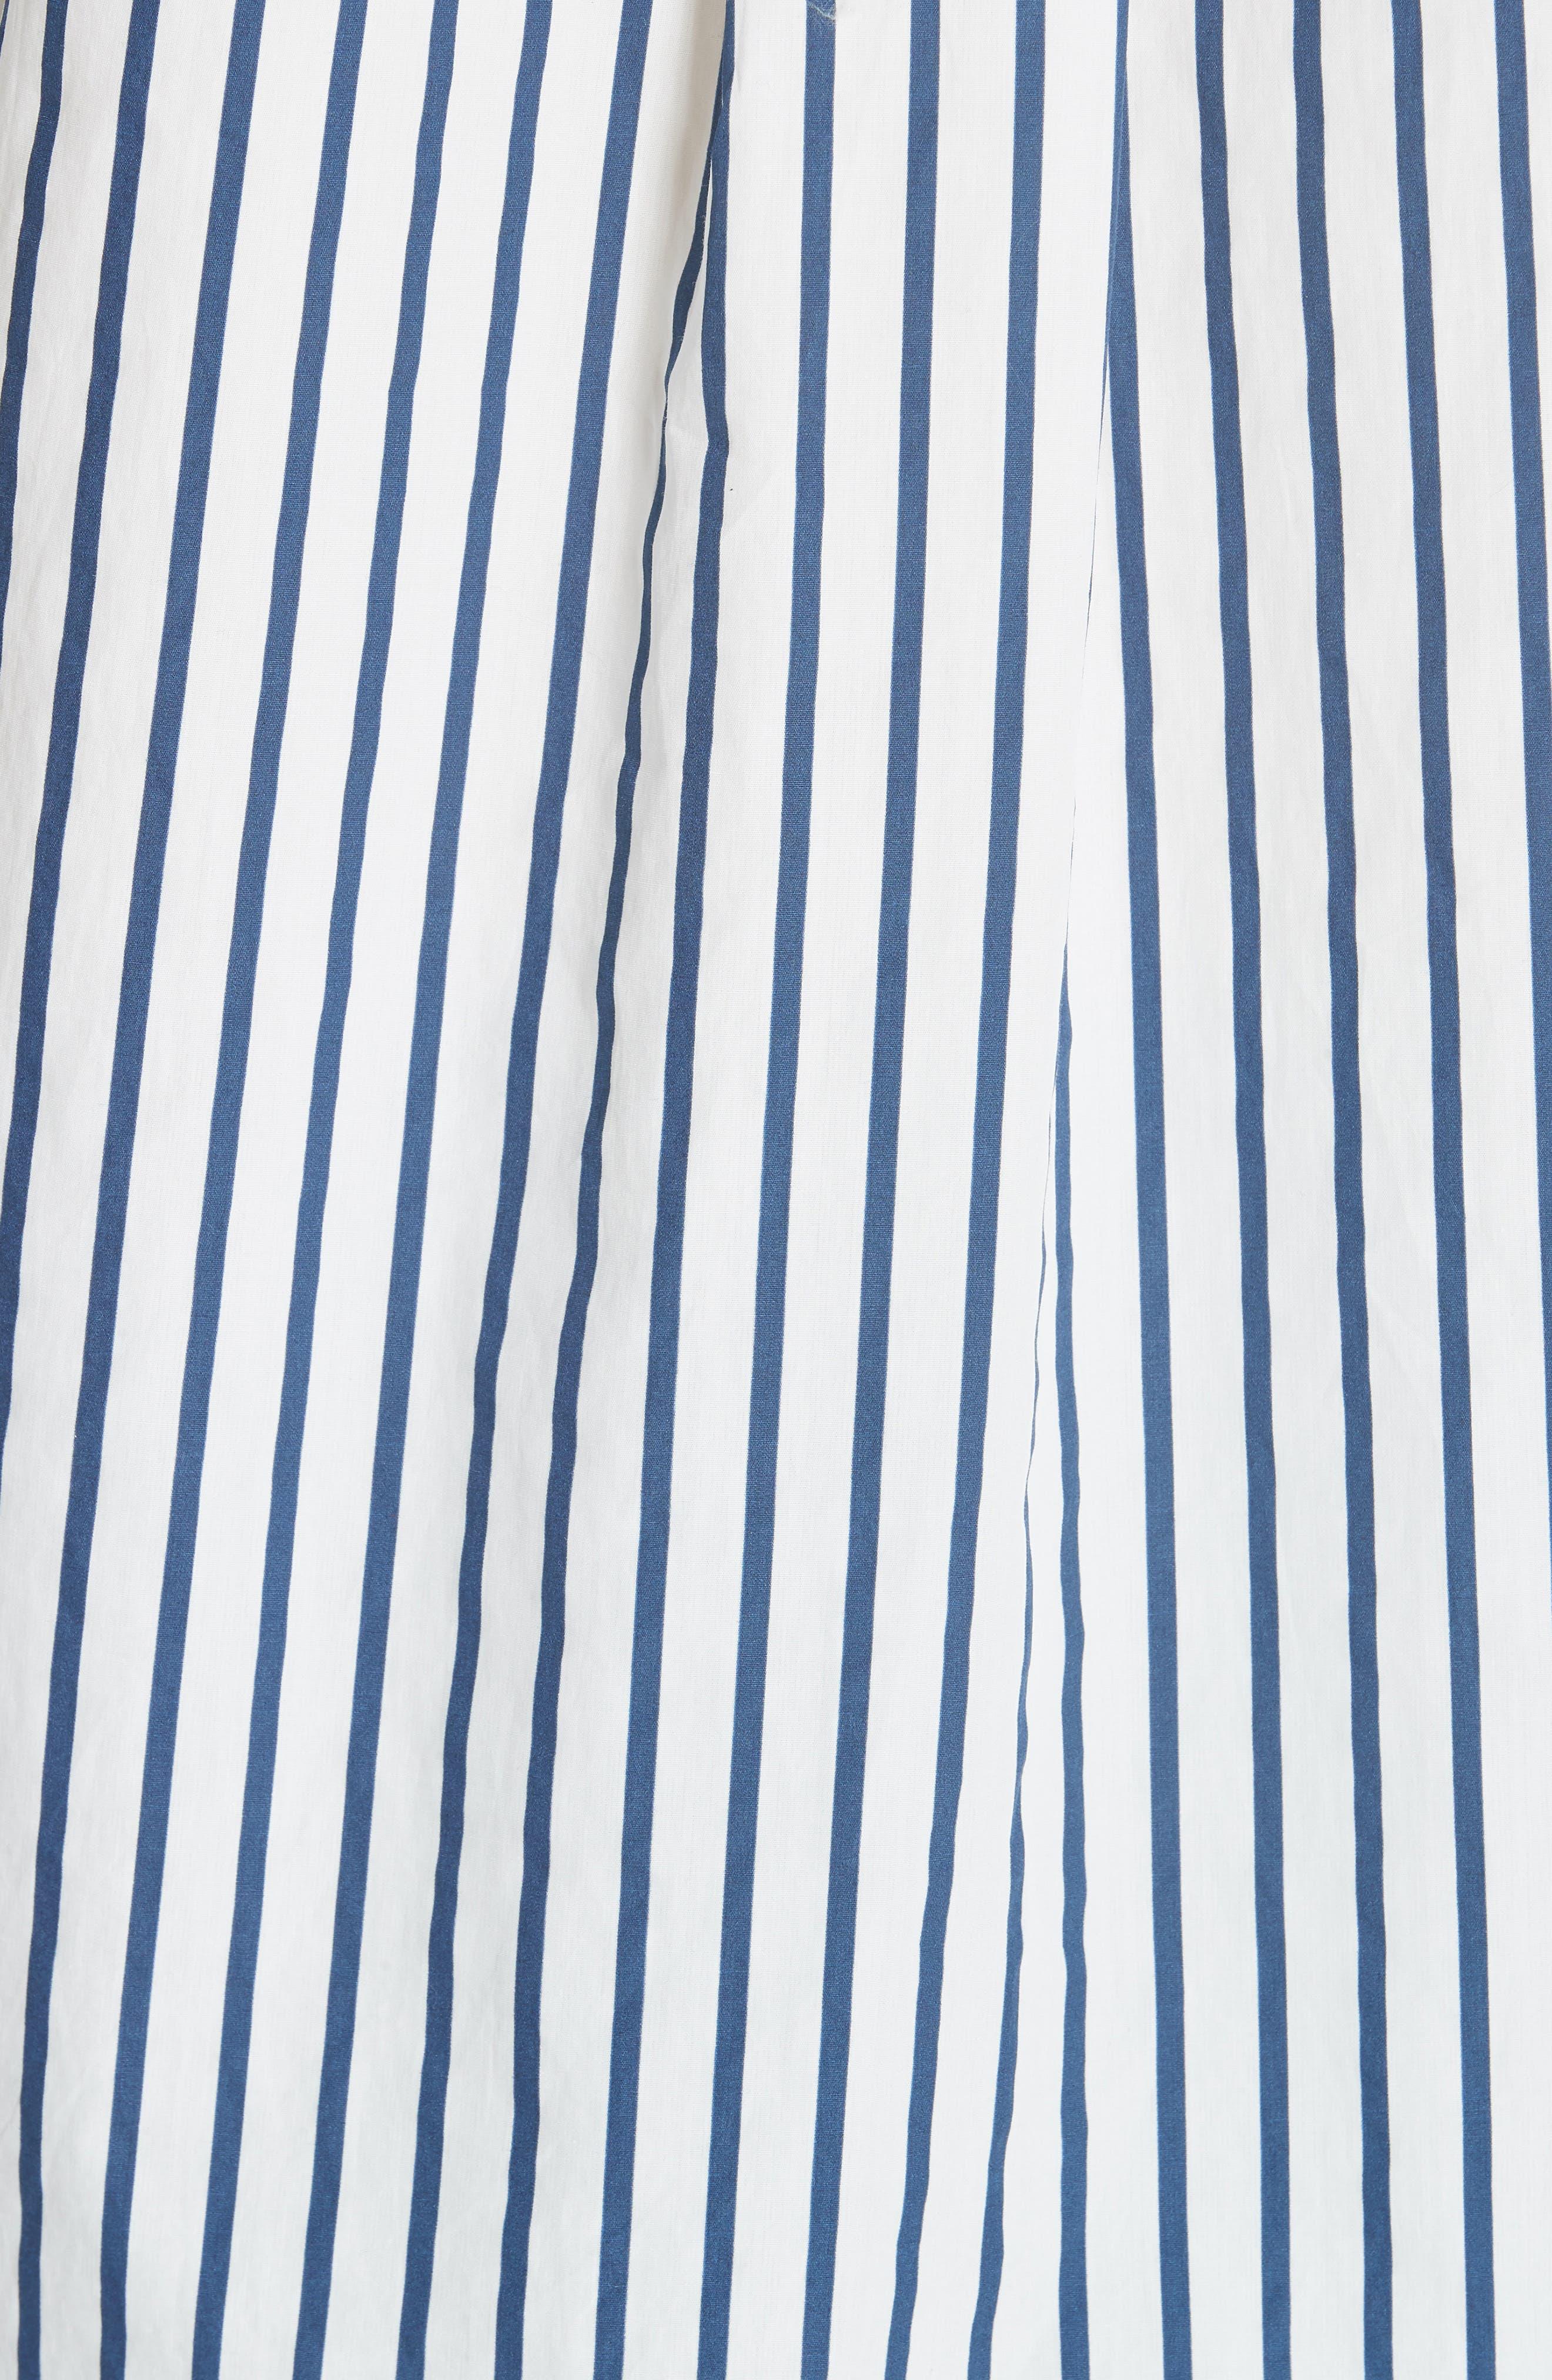 Paulette Short Sleeve Cotton Top,                             Alternate thumbnail 5, color,                             ECLIPSE/ BRIGHT WHITE